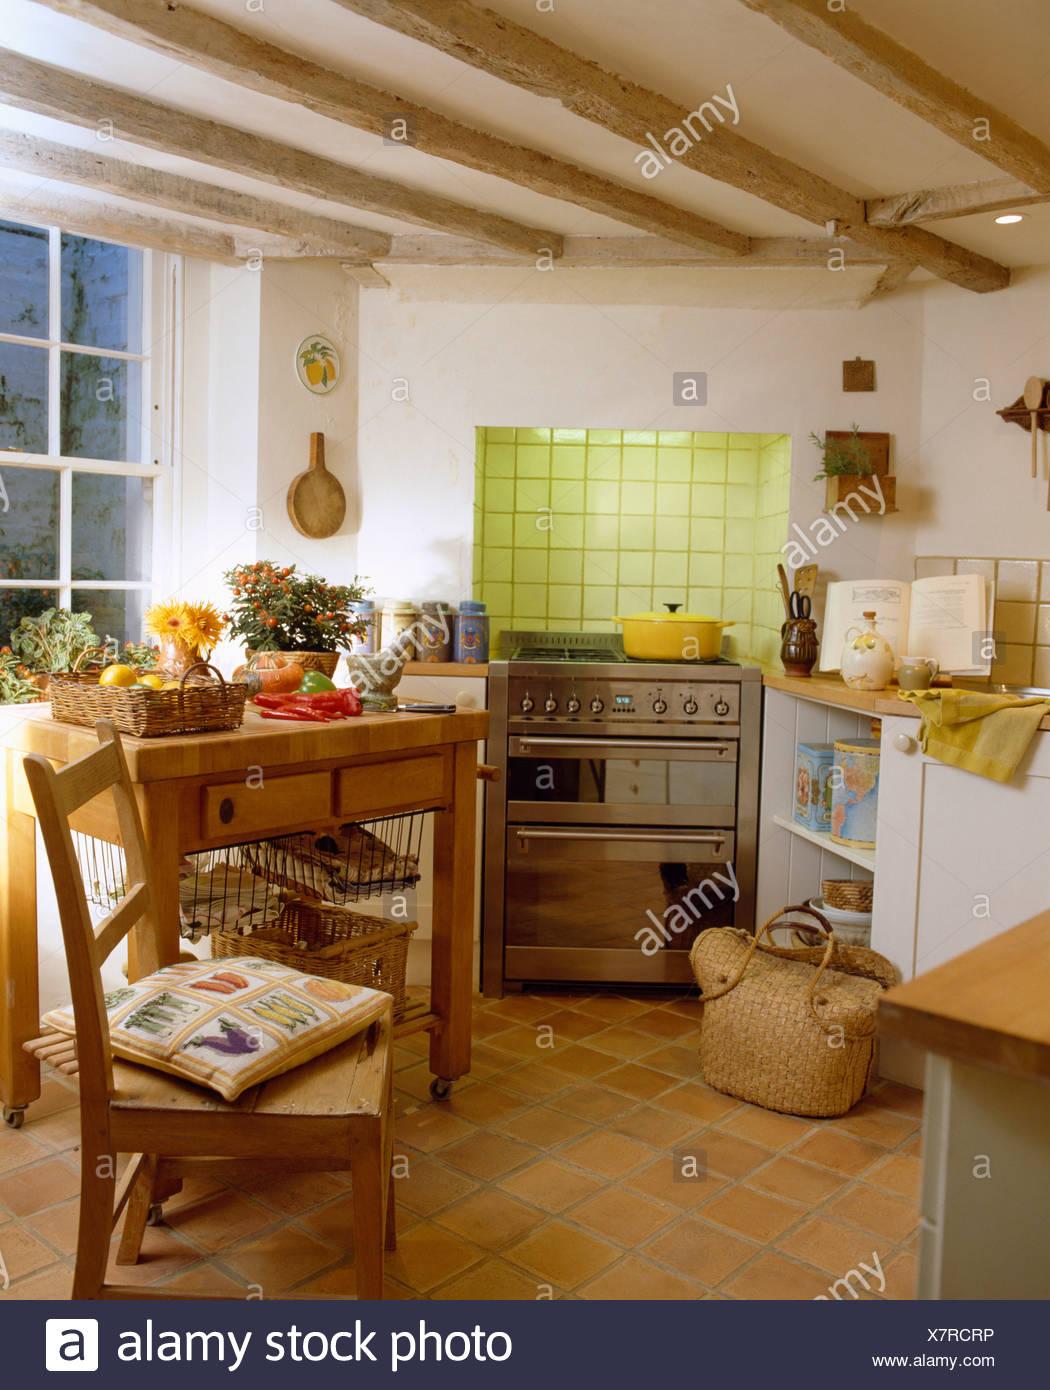 Wunderbar Küche Bauernhof Sinkt Edelstahl Bilder - Ideen Für Die ...